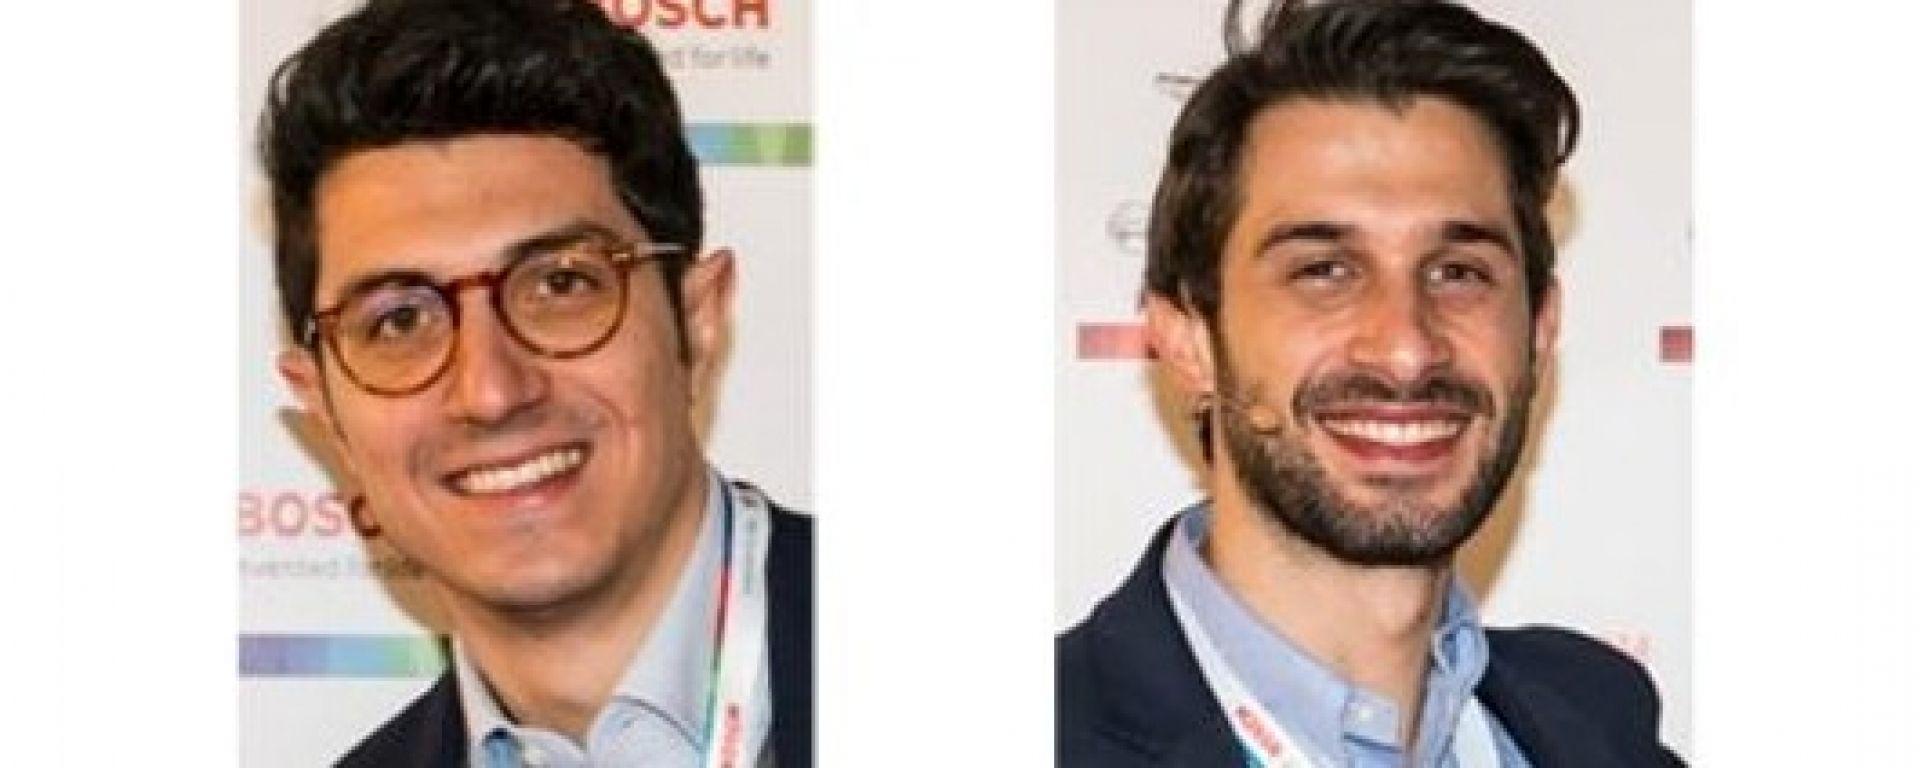 Bosch Italia: nella foto, da sinistra, Marco Gardenale e Mauro Guerrini